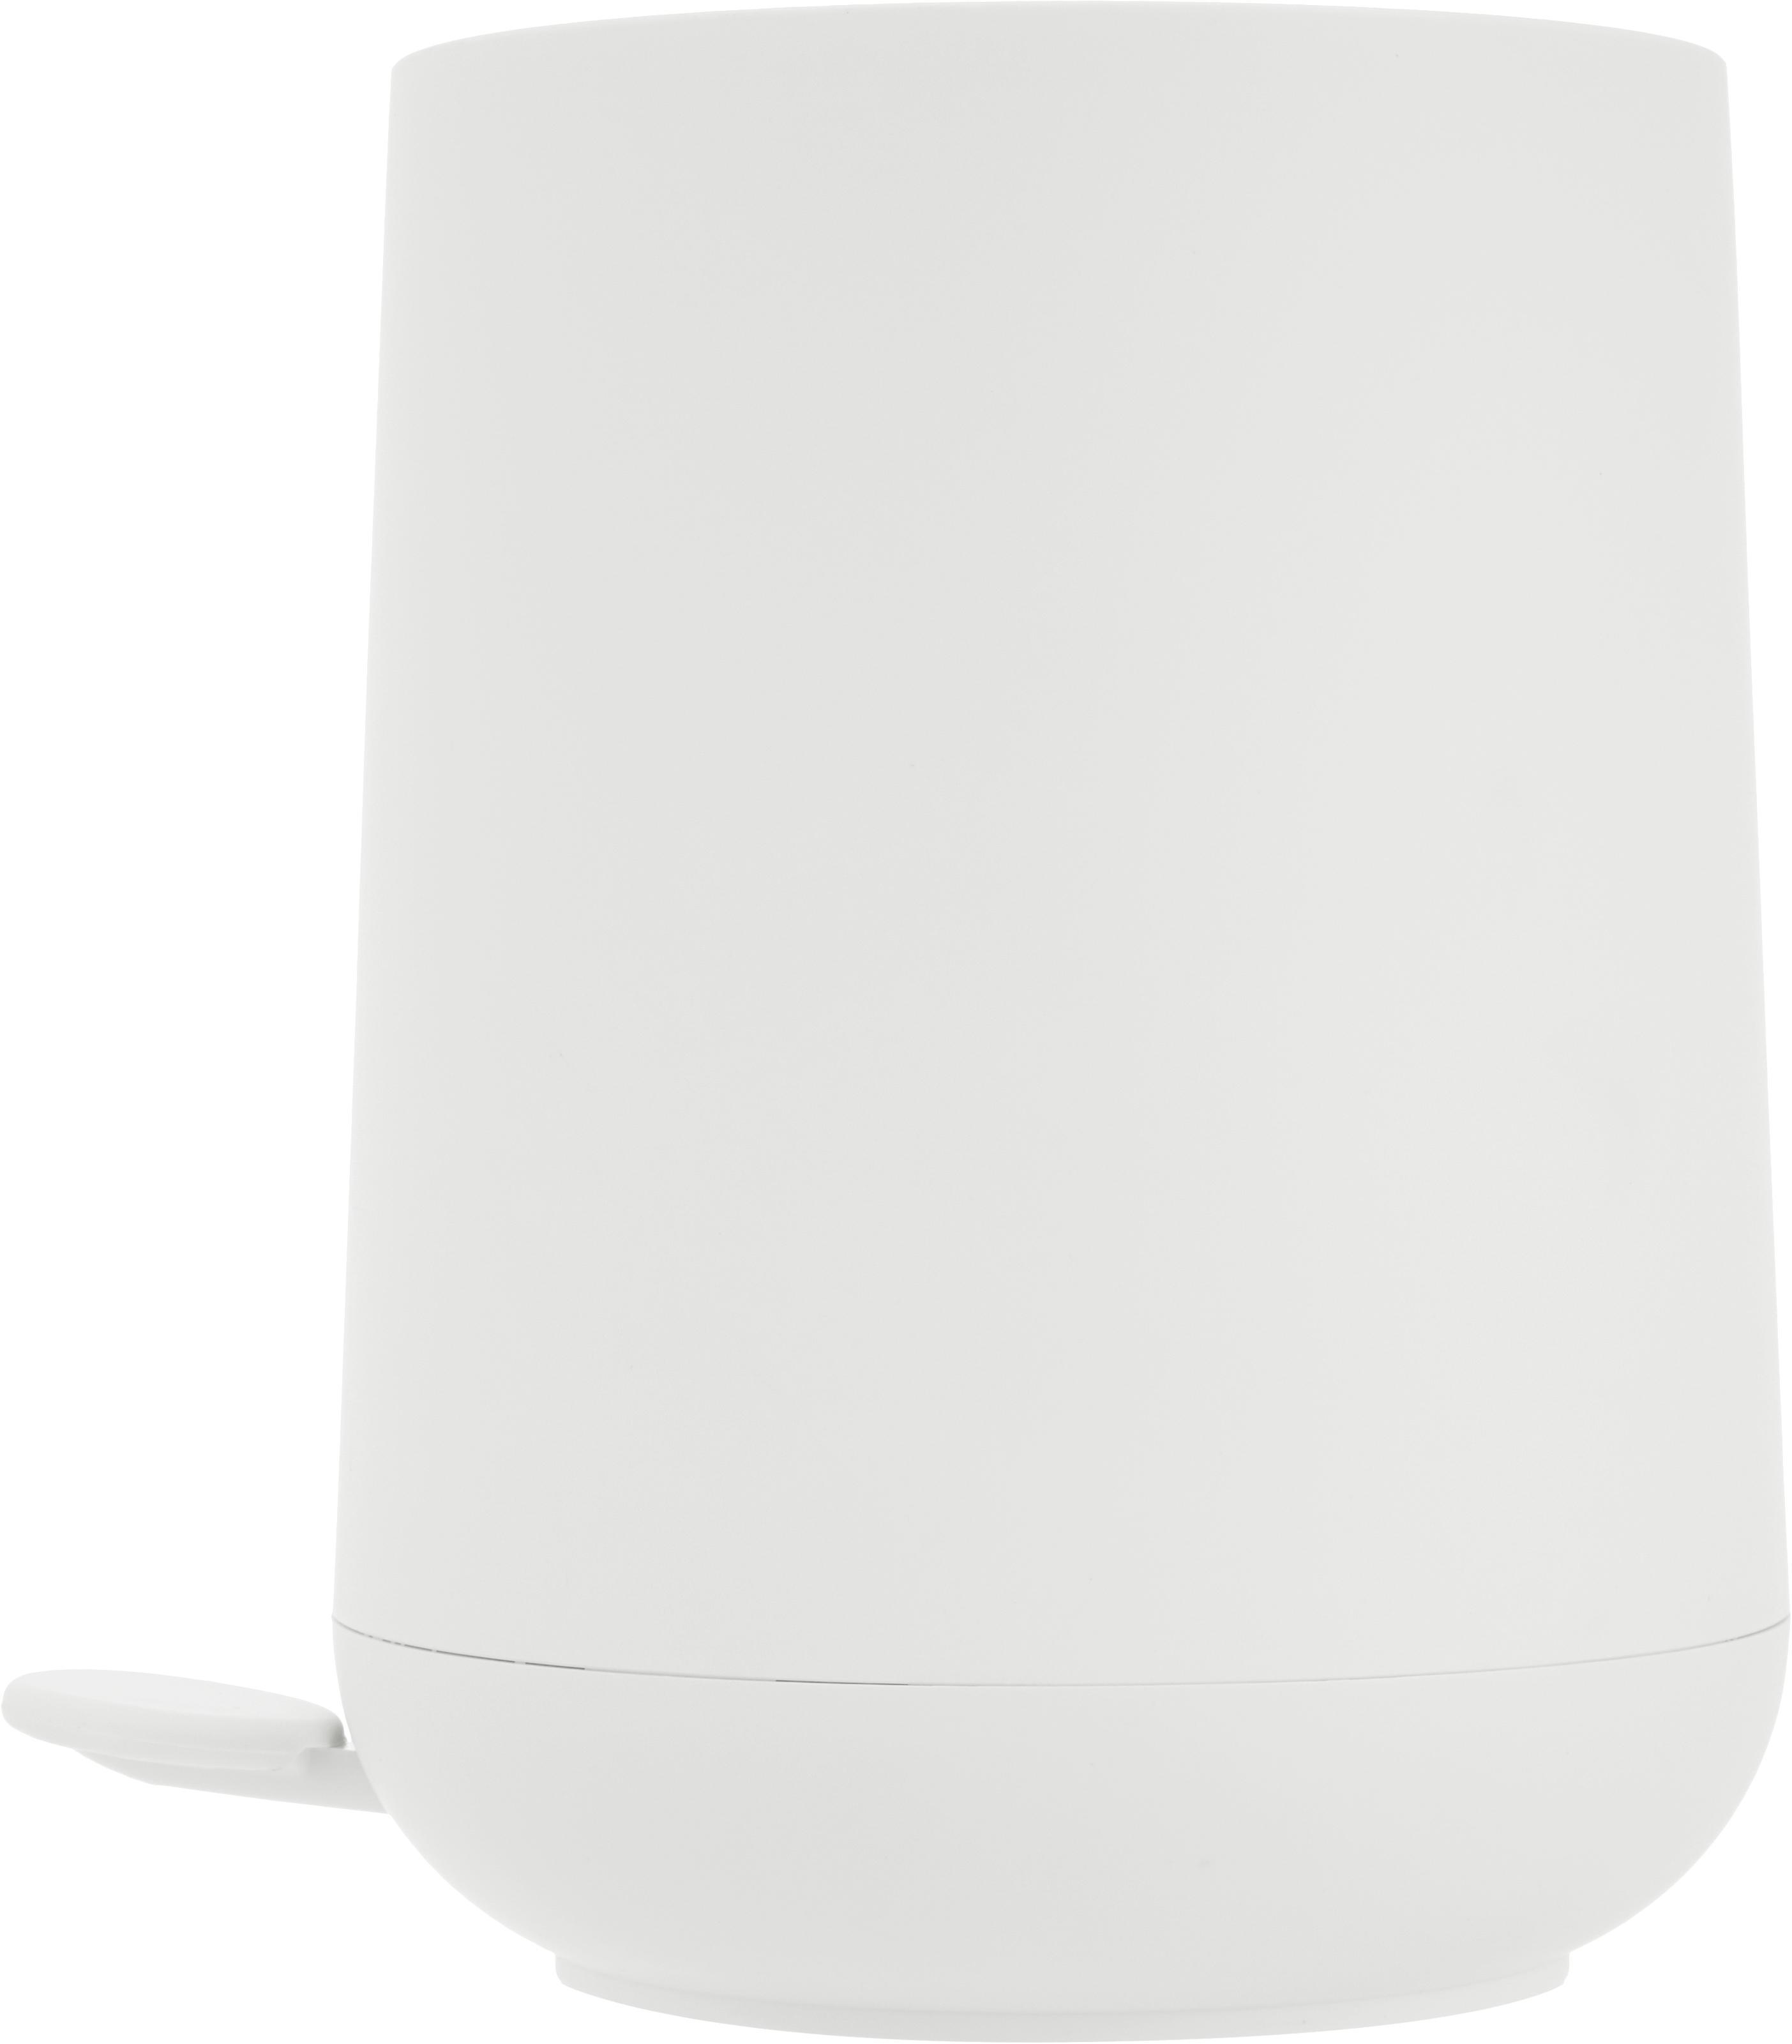 Abfalleimer Nova mit Softmotion-Deckel, ABS-Kunststoff, Weiss, Ø 23 x H 29 cm